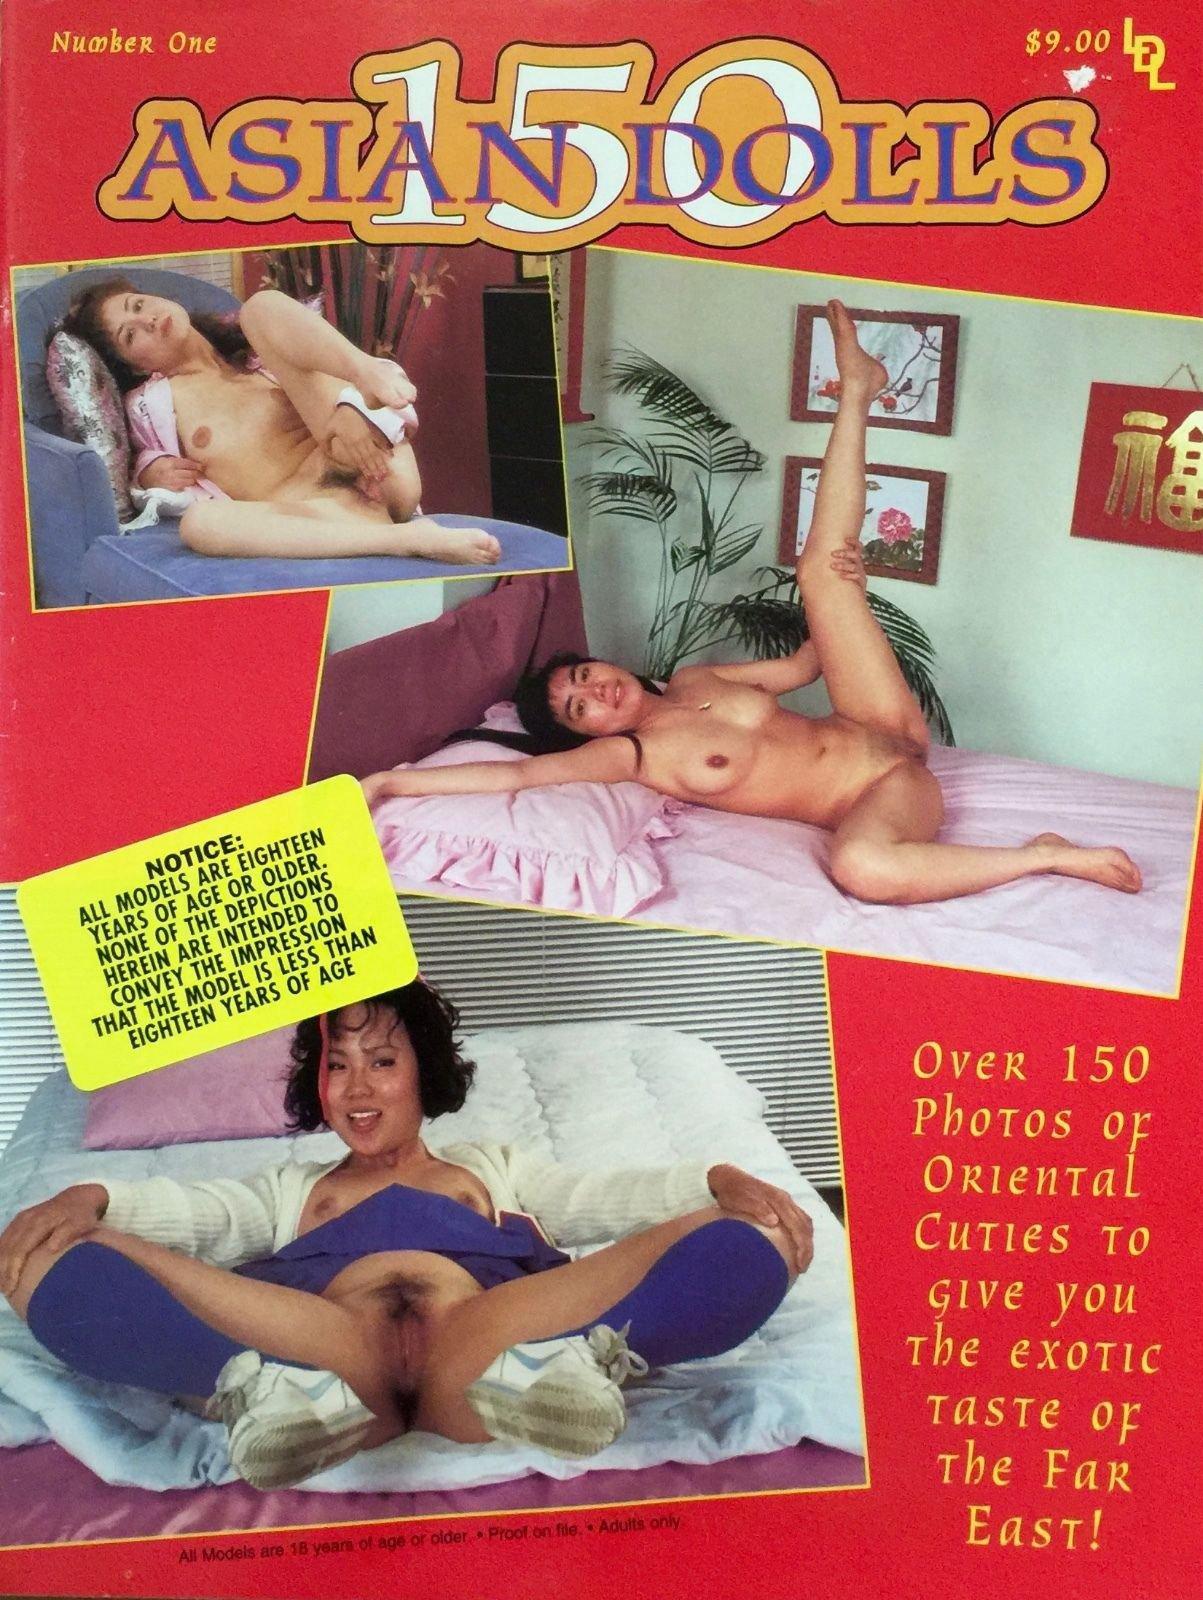 150 Asian Dolls # 1 magazine back issue 150 Asian Dolls magizine back copy